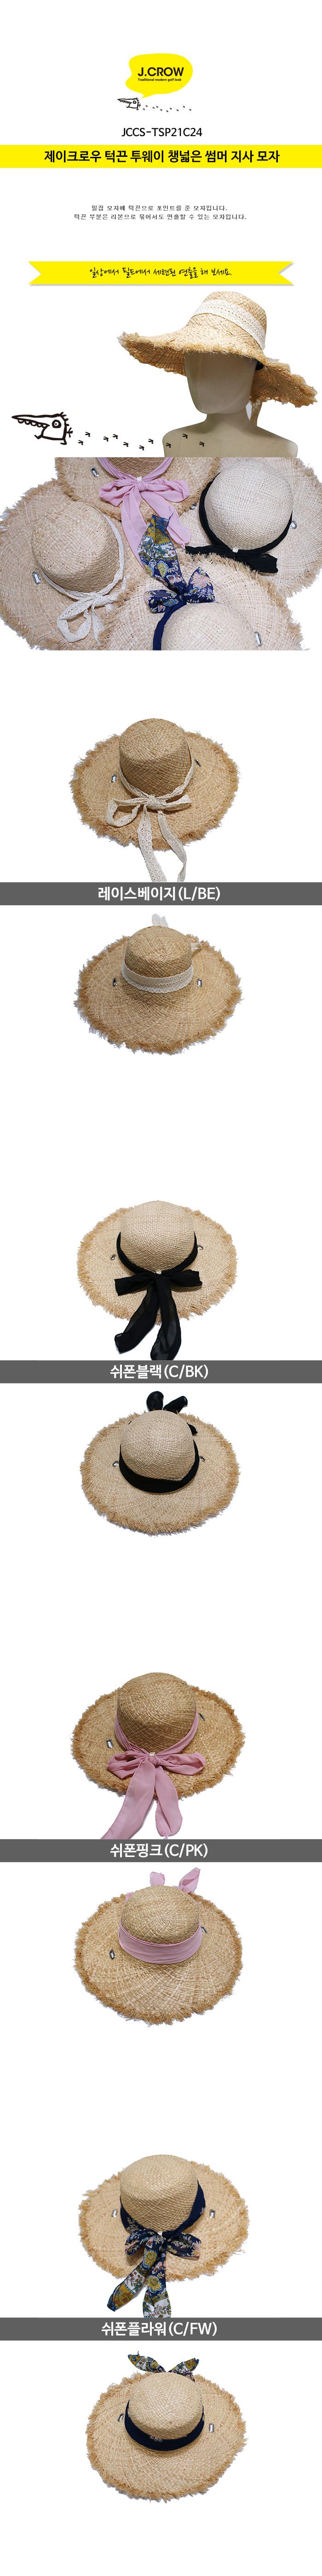 제이크로우 턱끈 투웨이 챙넓은 썸머 지사 모자 (JCCS-TSP21C24) 색상 설명